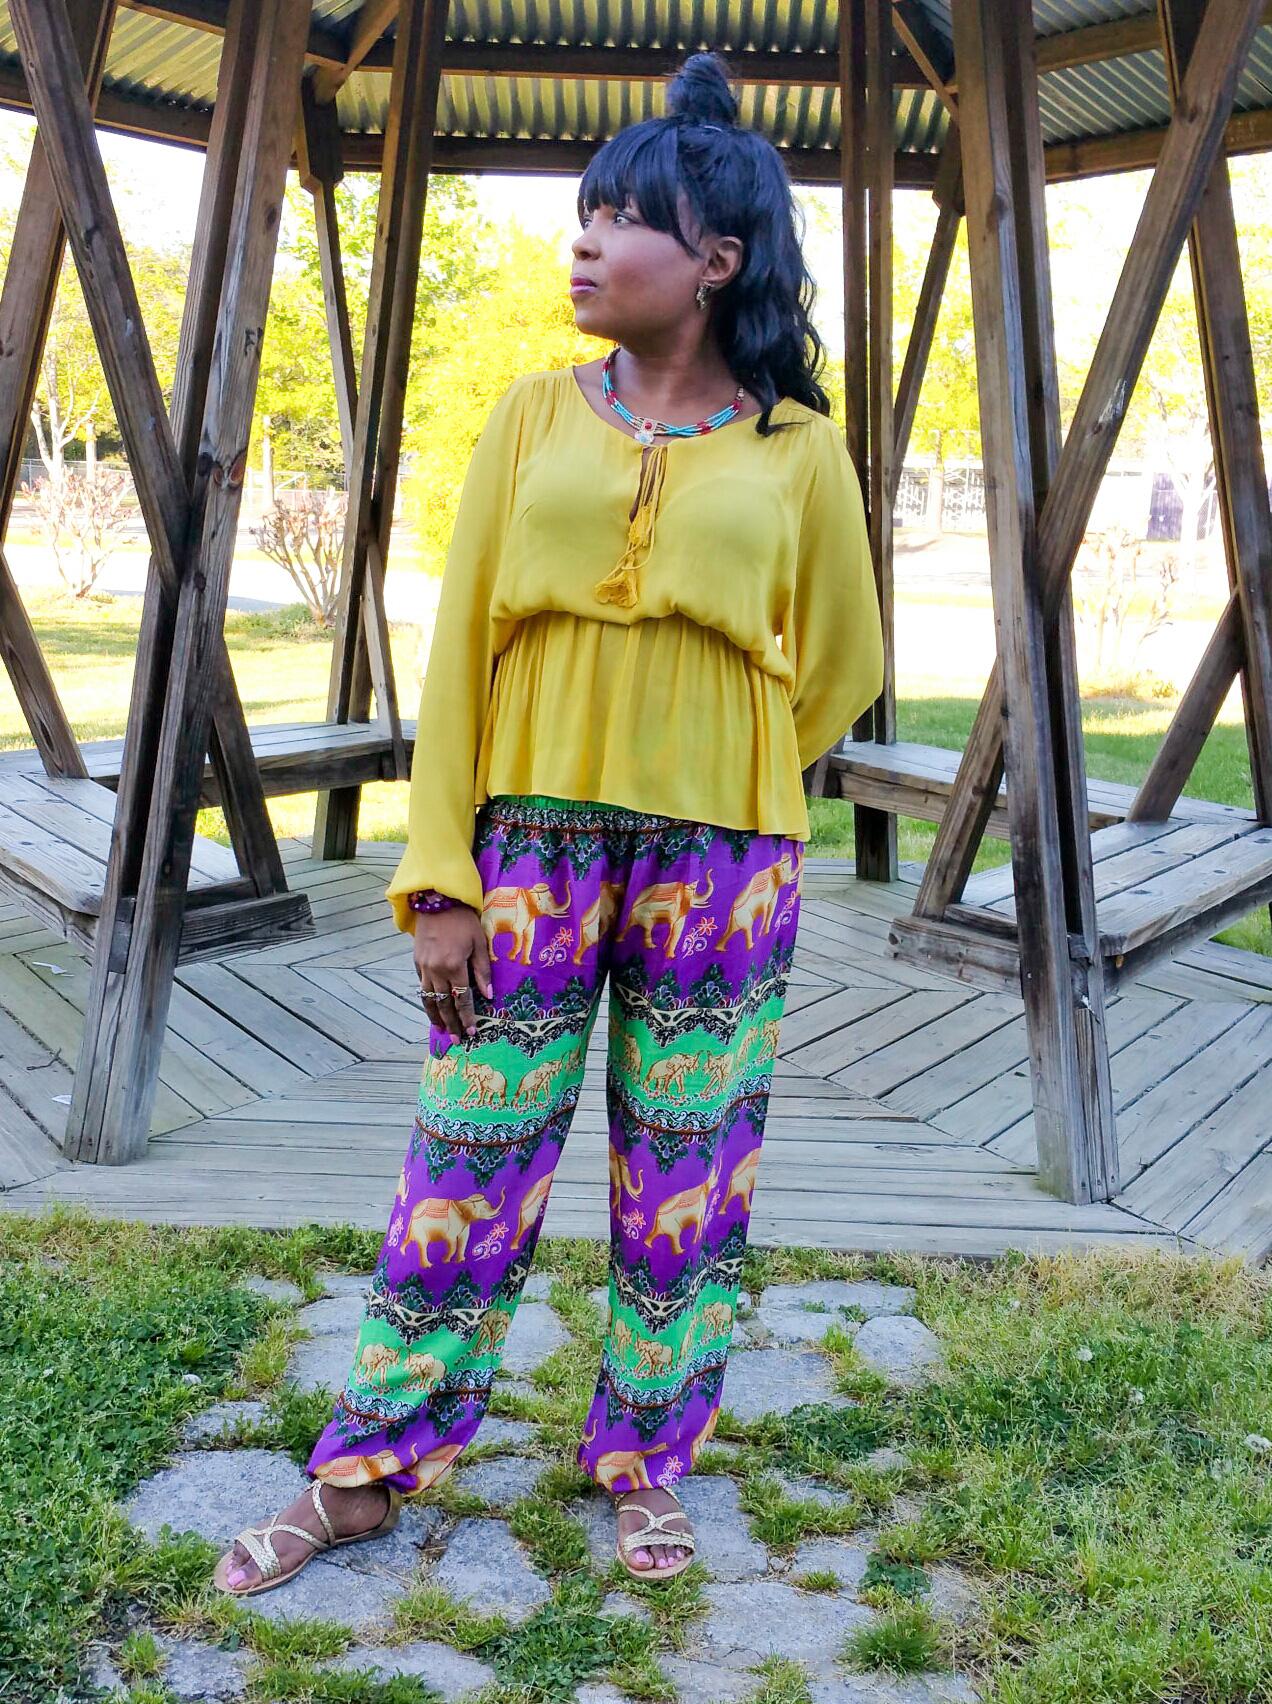 A-Fashion-Story-African-Safari-Three-LiWBF-2016-0702373595057930883